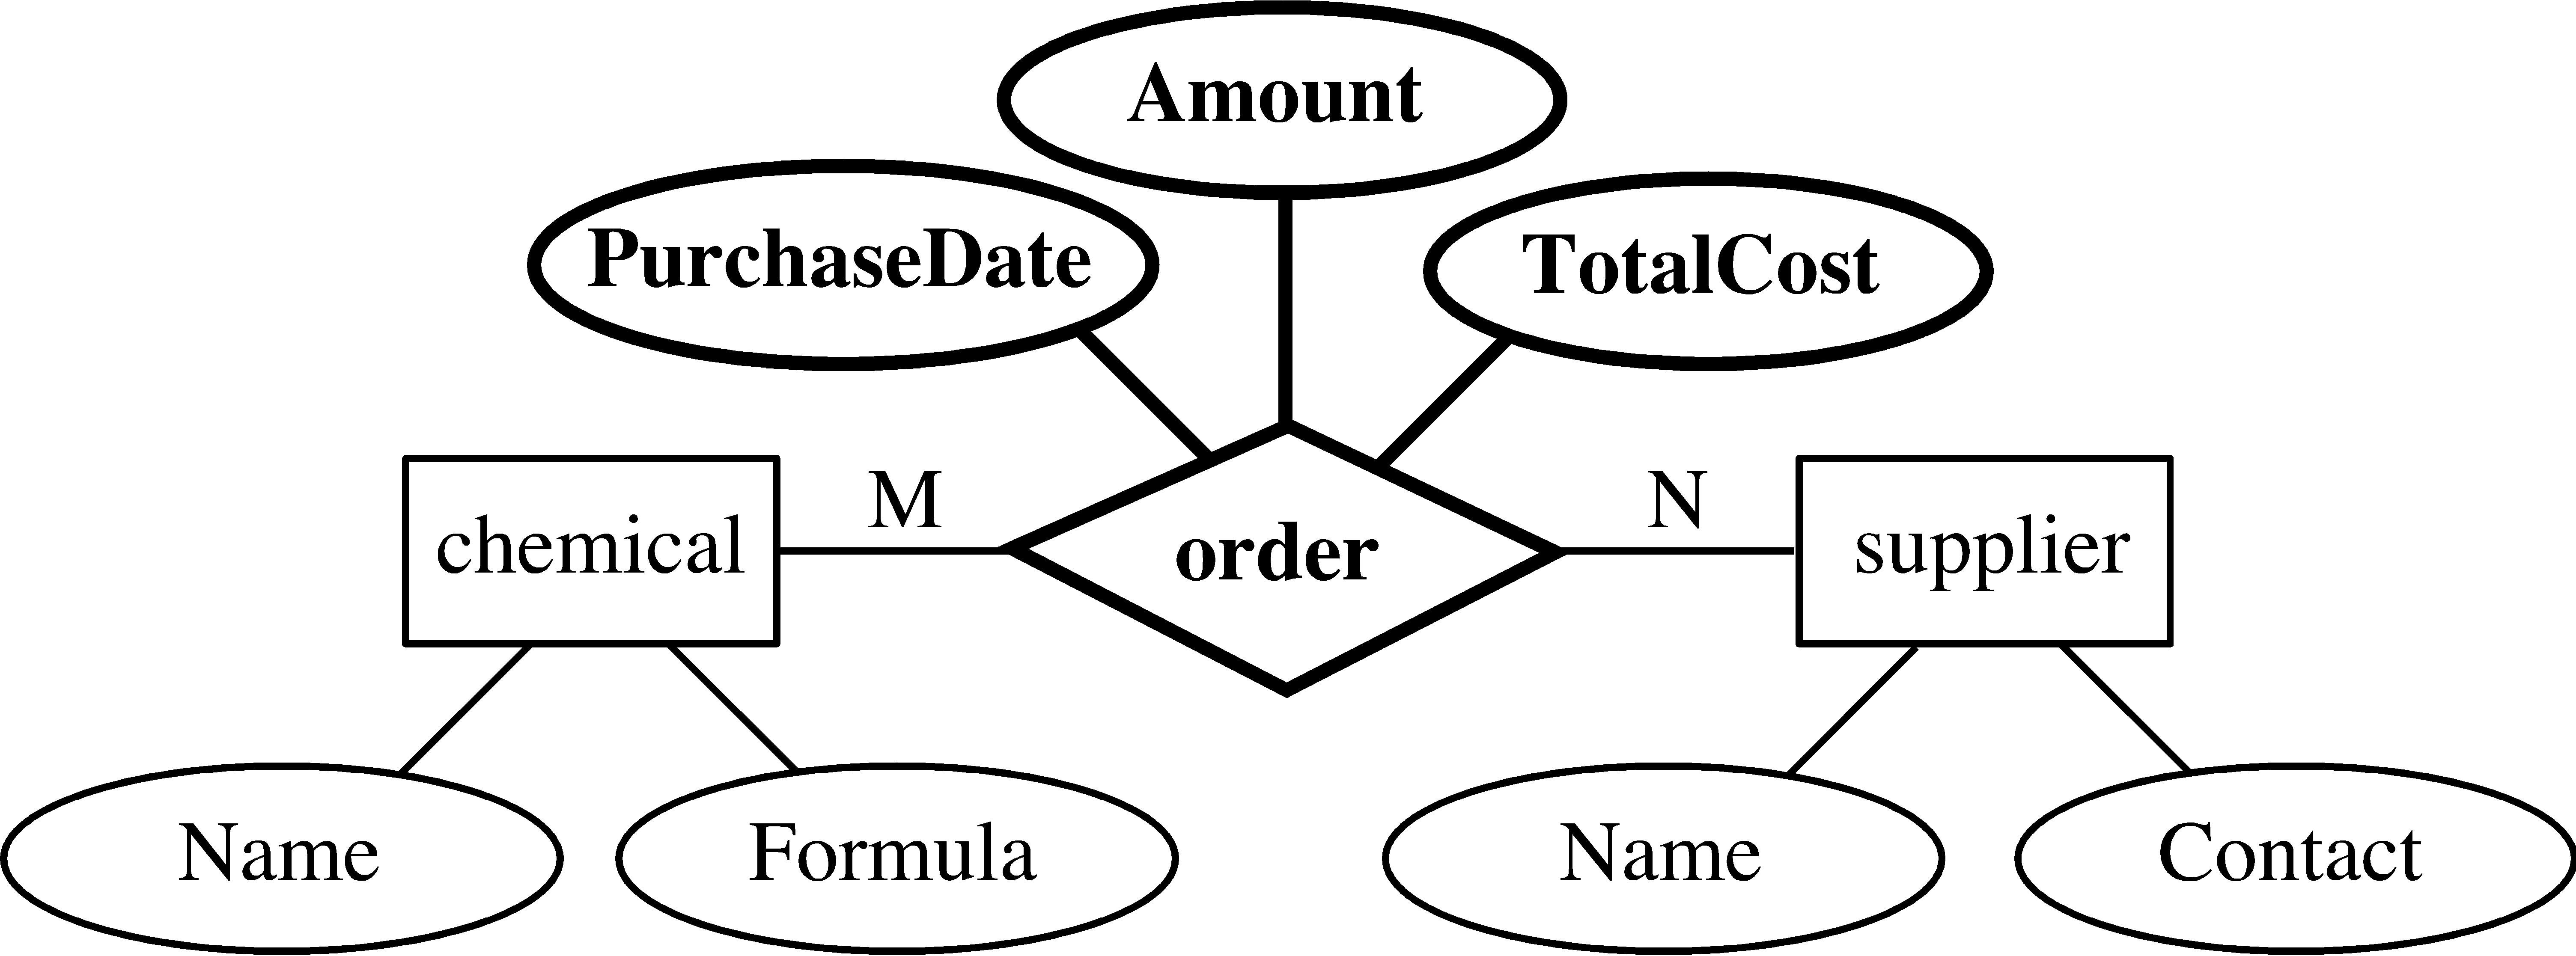 Entity-Relationship Model for Er Diagram Recursive Relationship